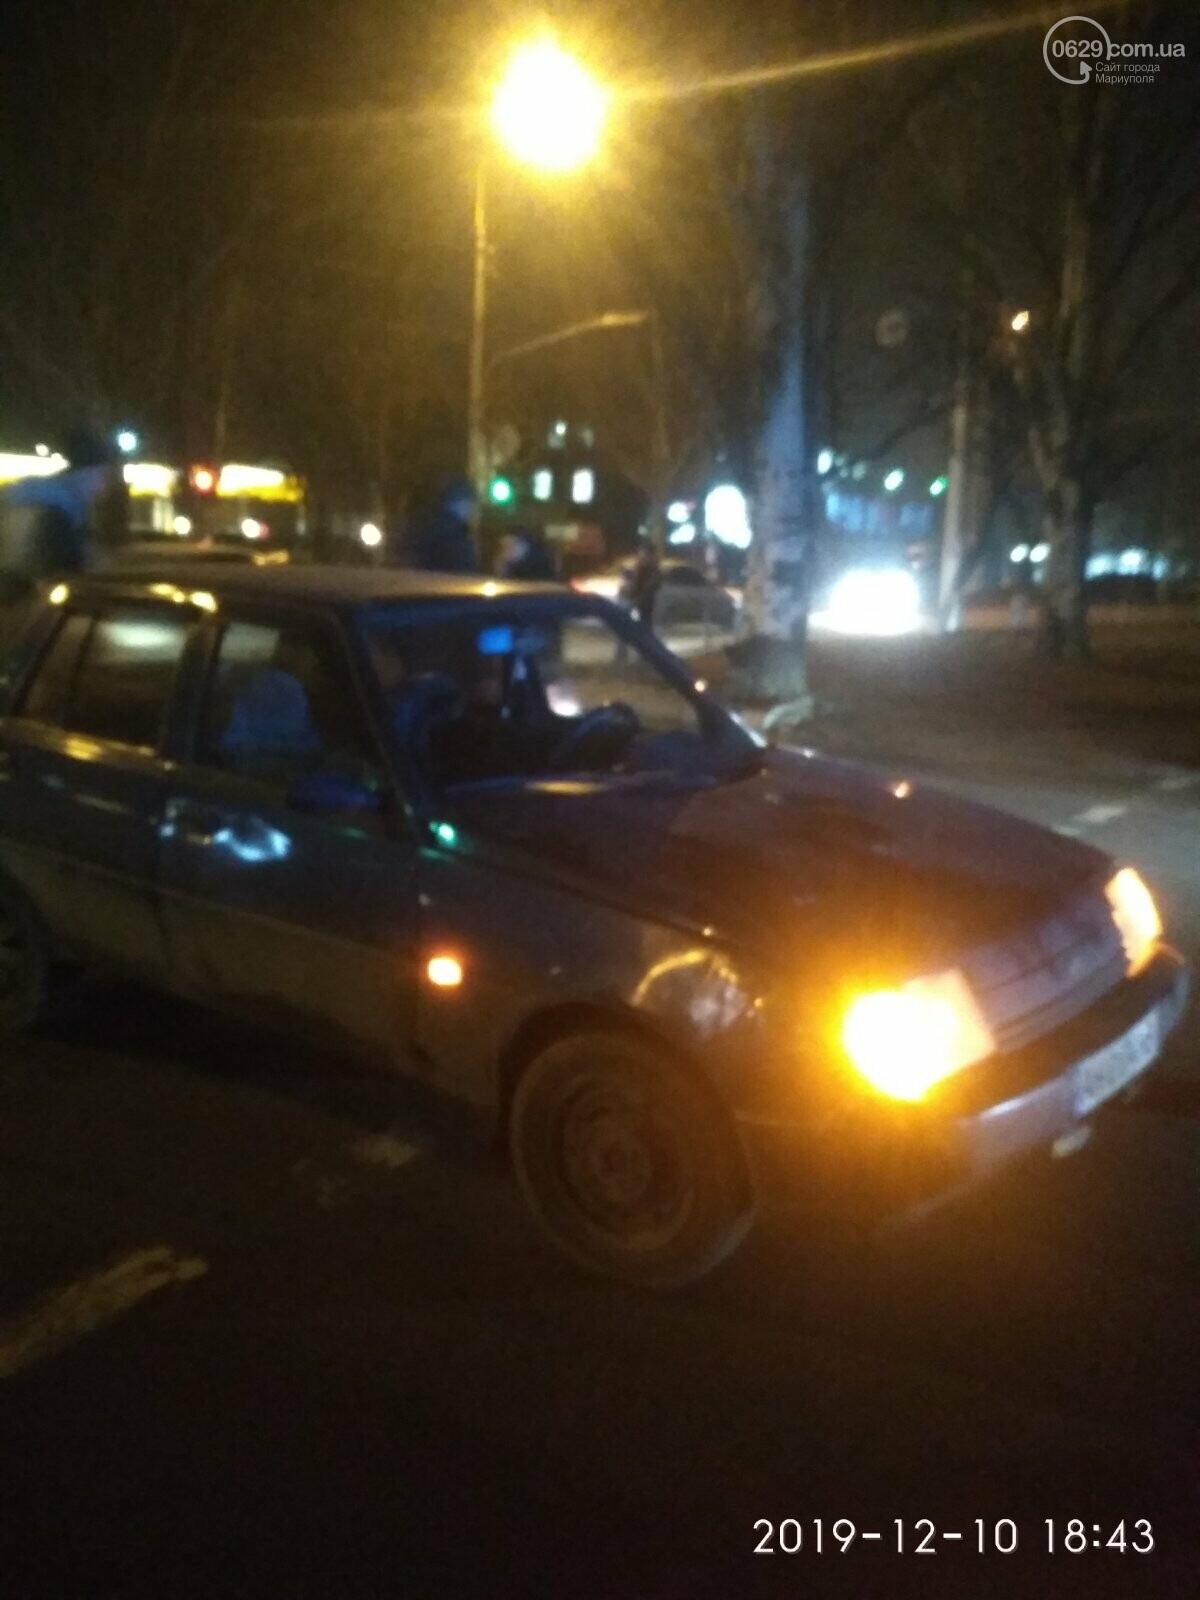 """В Мариуполе водитель сбил двоих пешеходов на """"зебре"""", - ФОТО, фото-1"""